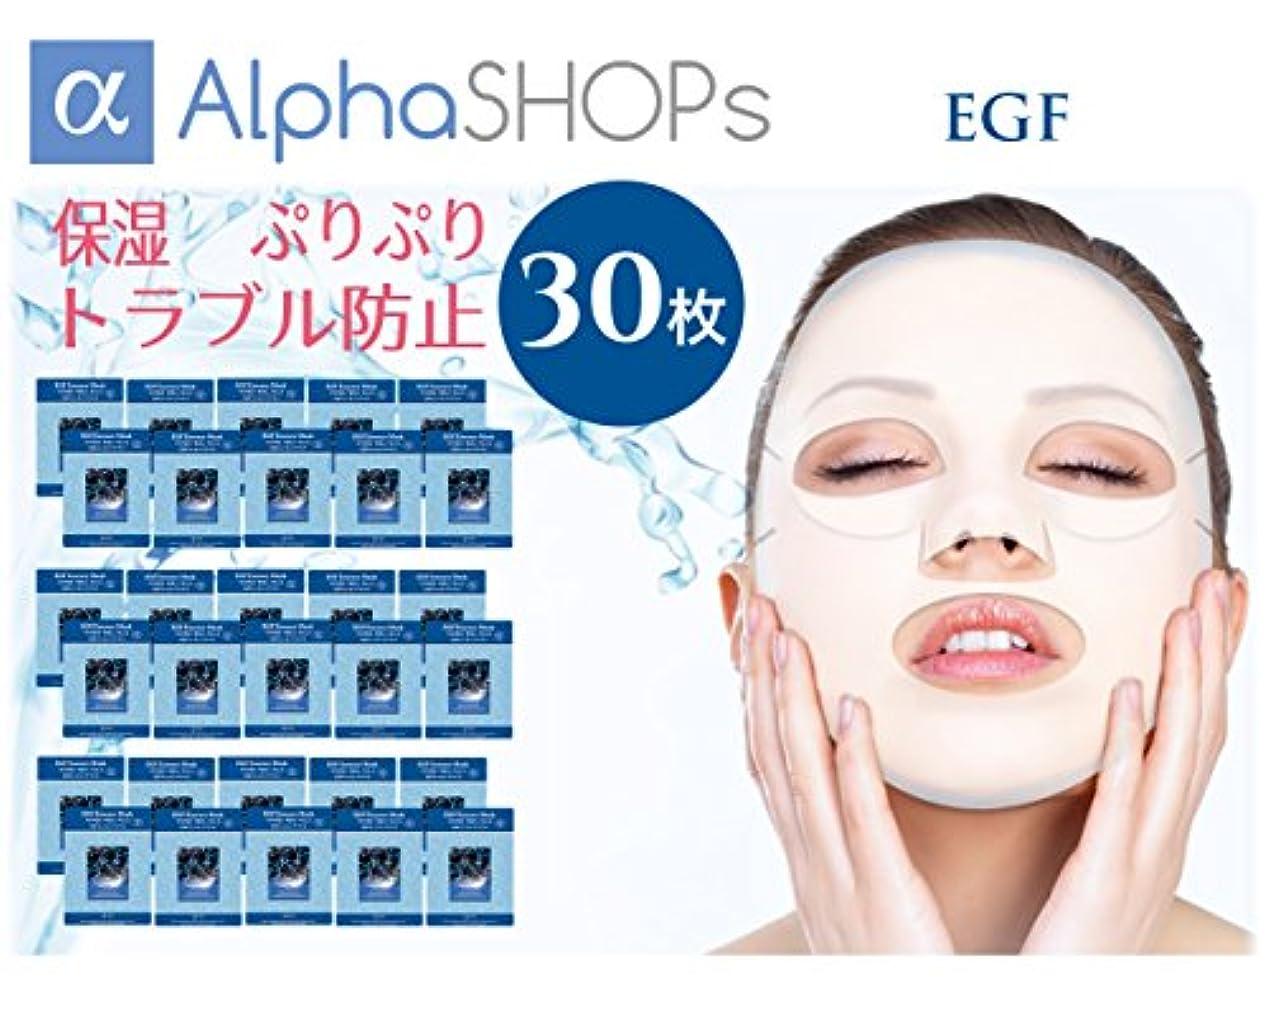 中止します粘り強いジョリーフェイスパック フェイスマスクパック EGF ランキング 上位 韓国コスメ 30枚セット